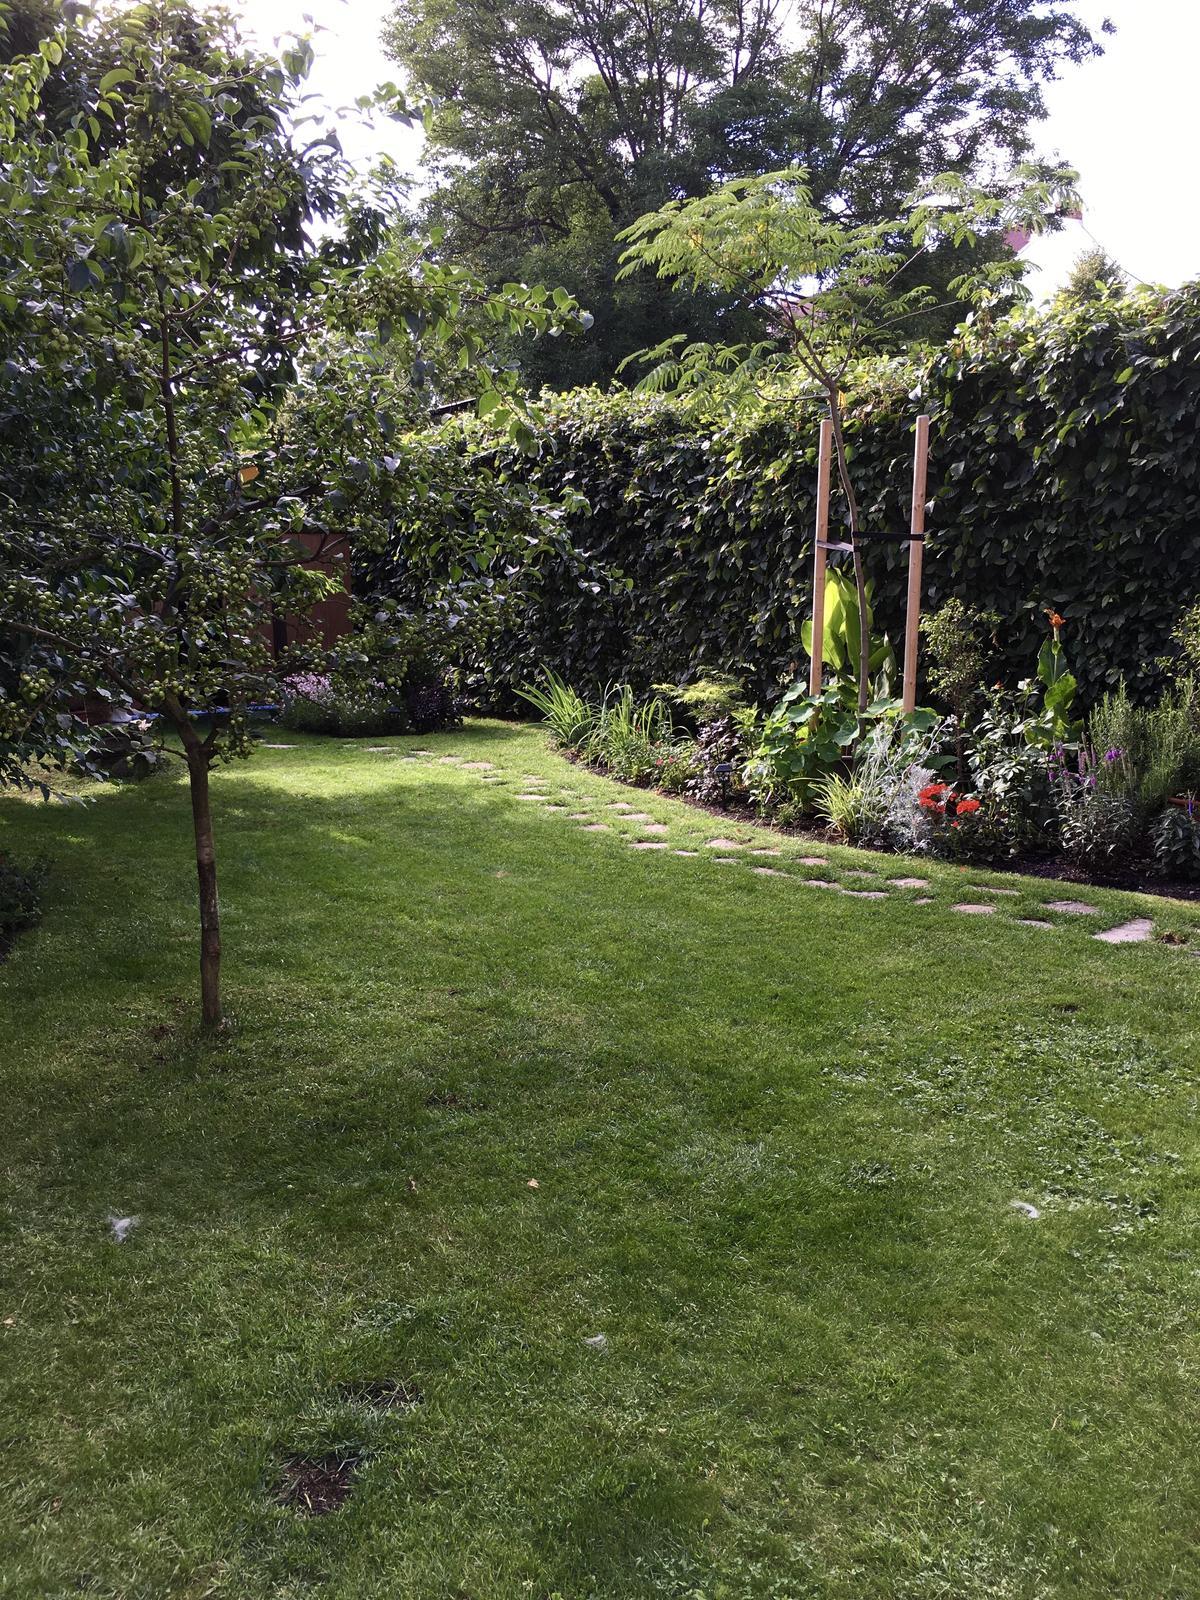 2020 😍 🌞 - Jak okudlat zivy plot aneb rovne strizena zelena zed je nuda 😂